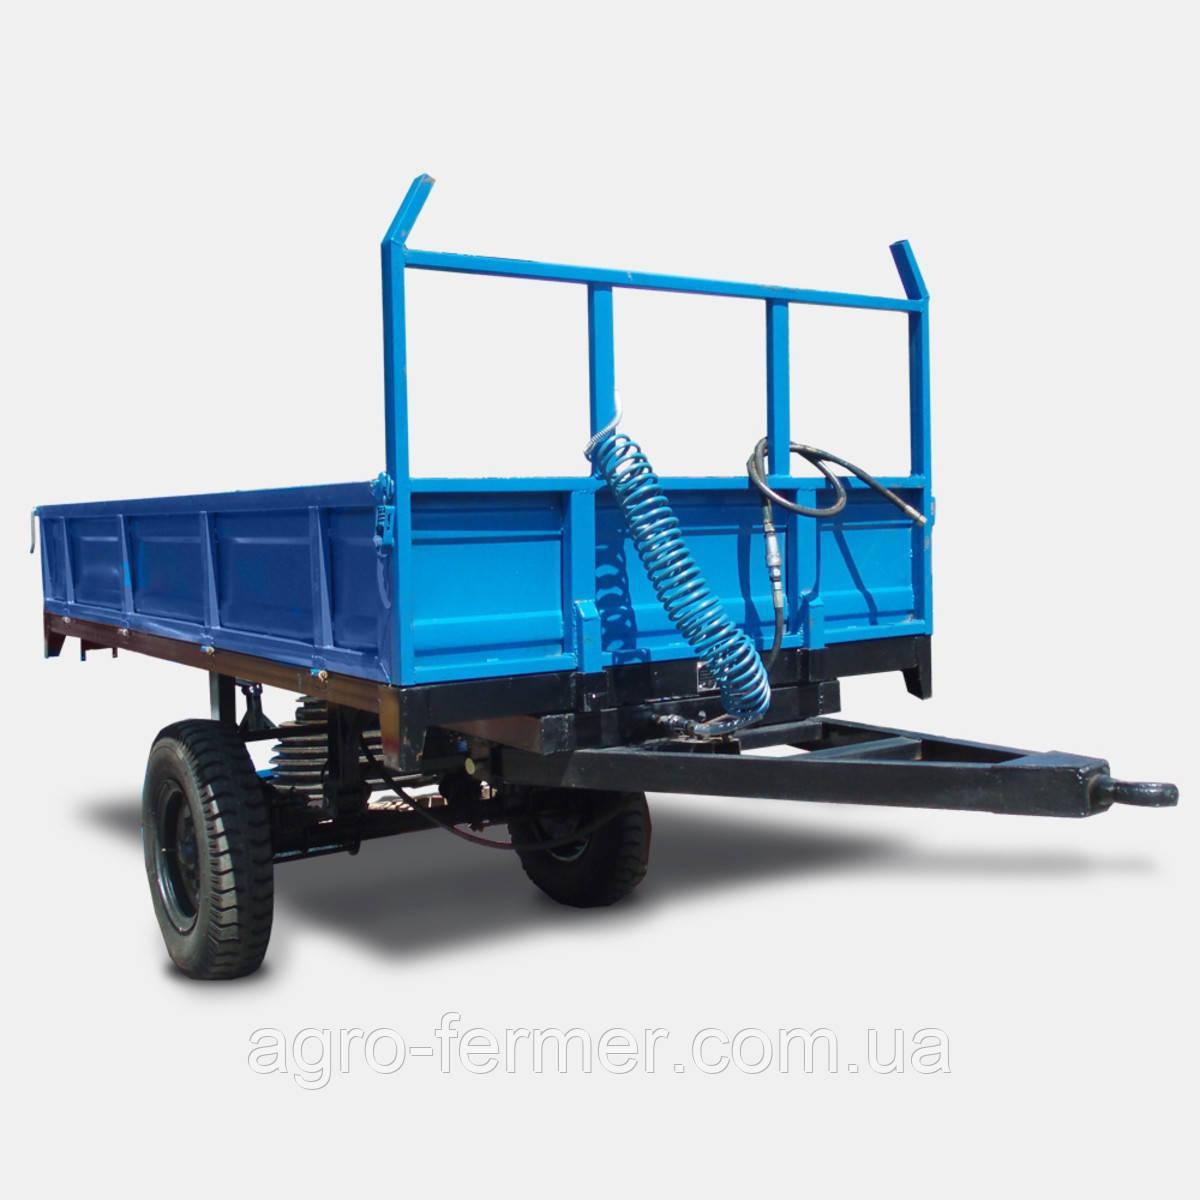 Причіп одноосний тракторний 1ПТС-2 (7CX-2, вантажопідйомність 2 т, ДхШхВ 2250x1500x450)